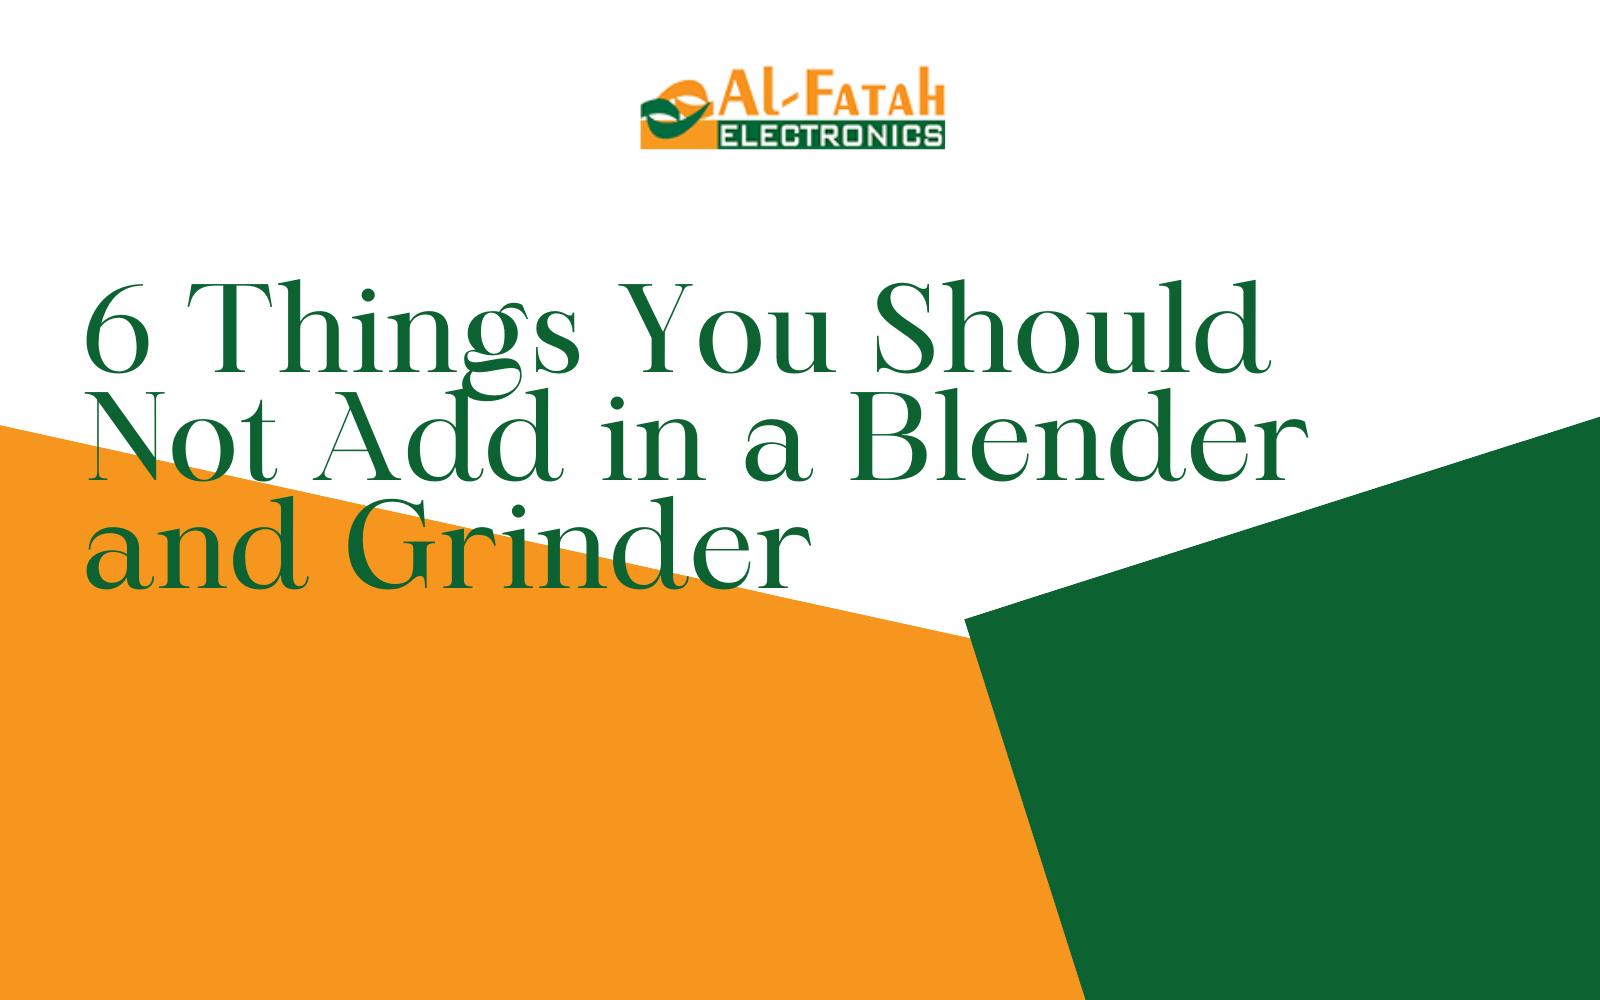 Grinder and blender